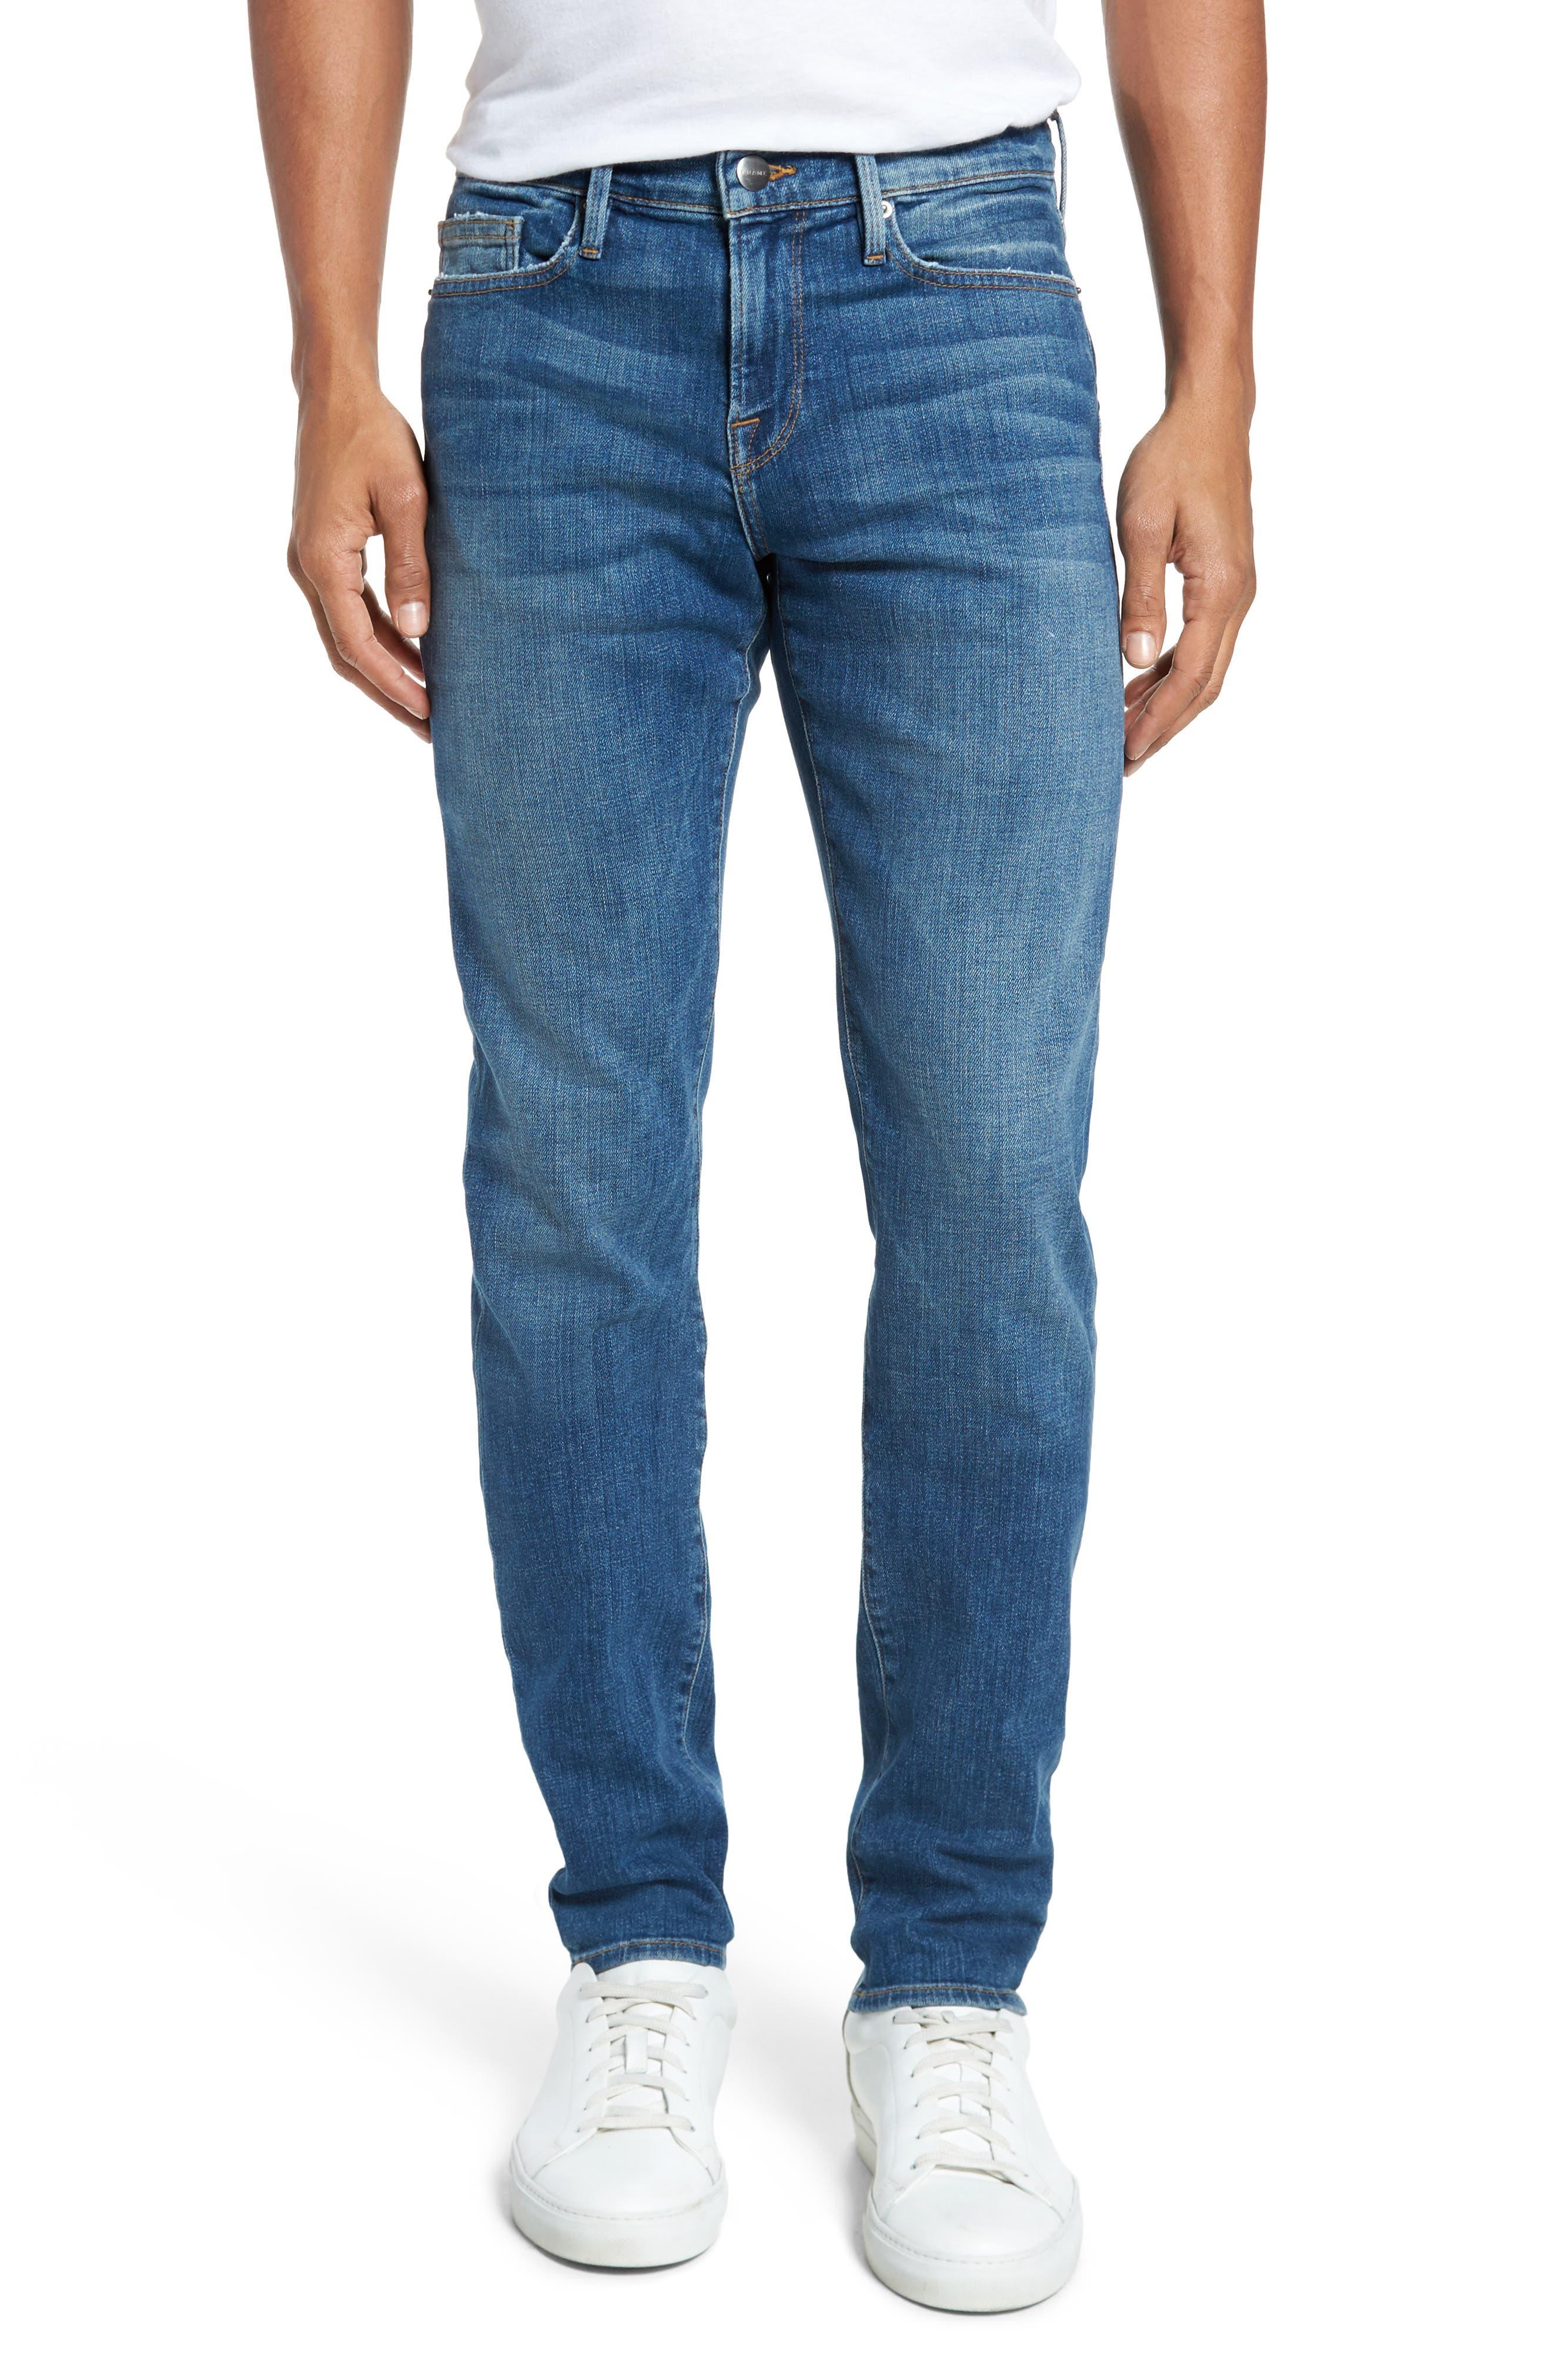 L'Homme Slim Fit Jeans,                         Main,                         color, 407